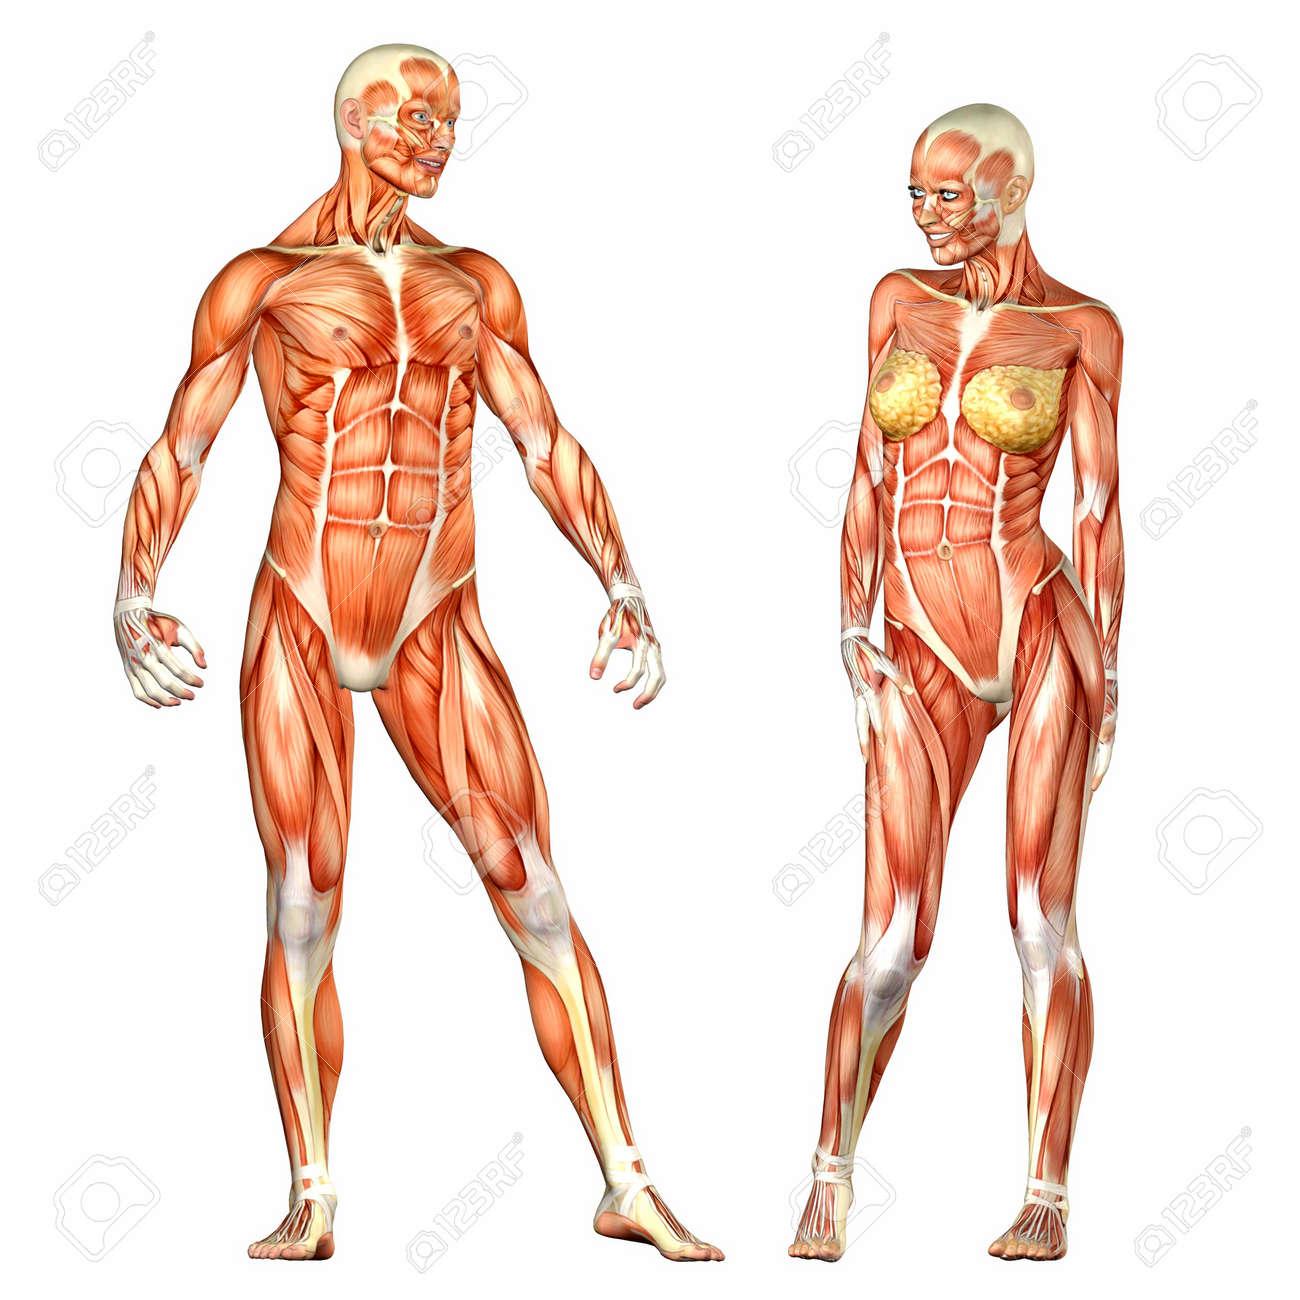 Illustratie Van Een Mannelijke En Vrouwelijke Menselijke Anatomie ...